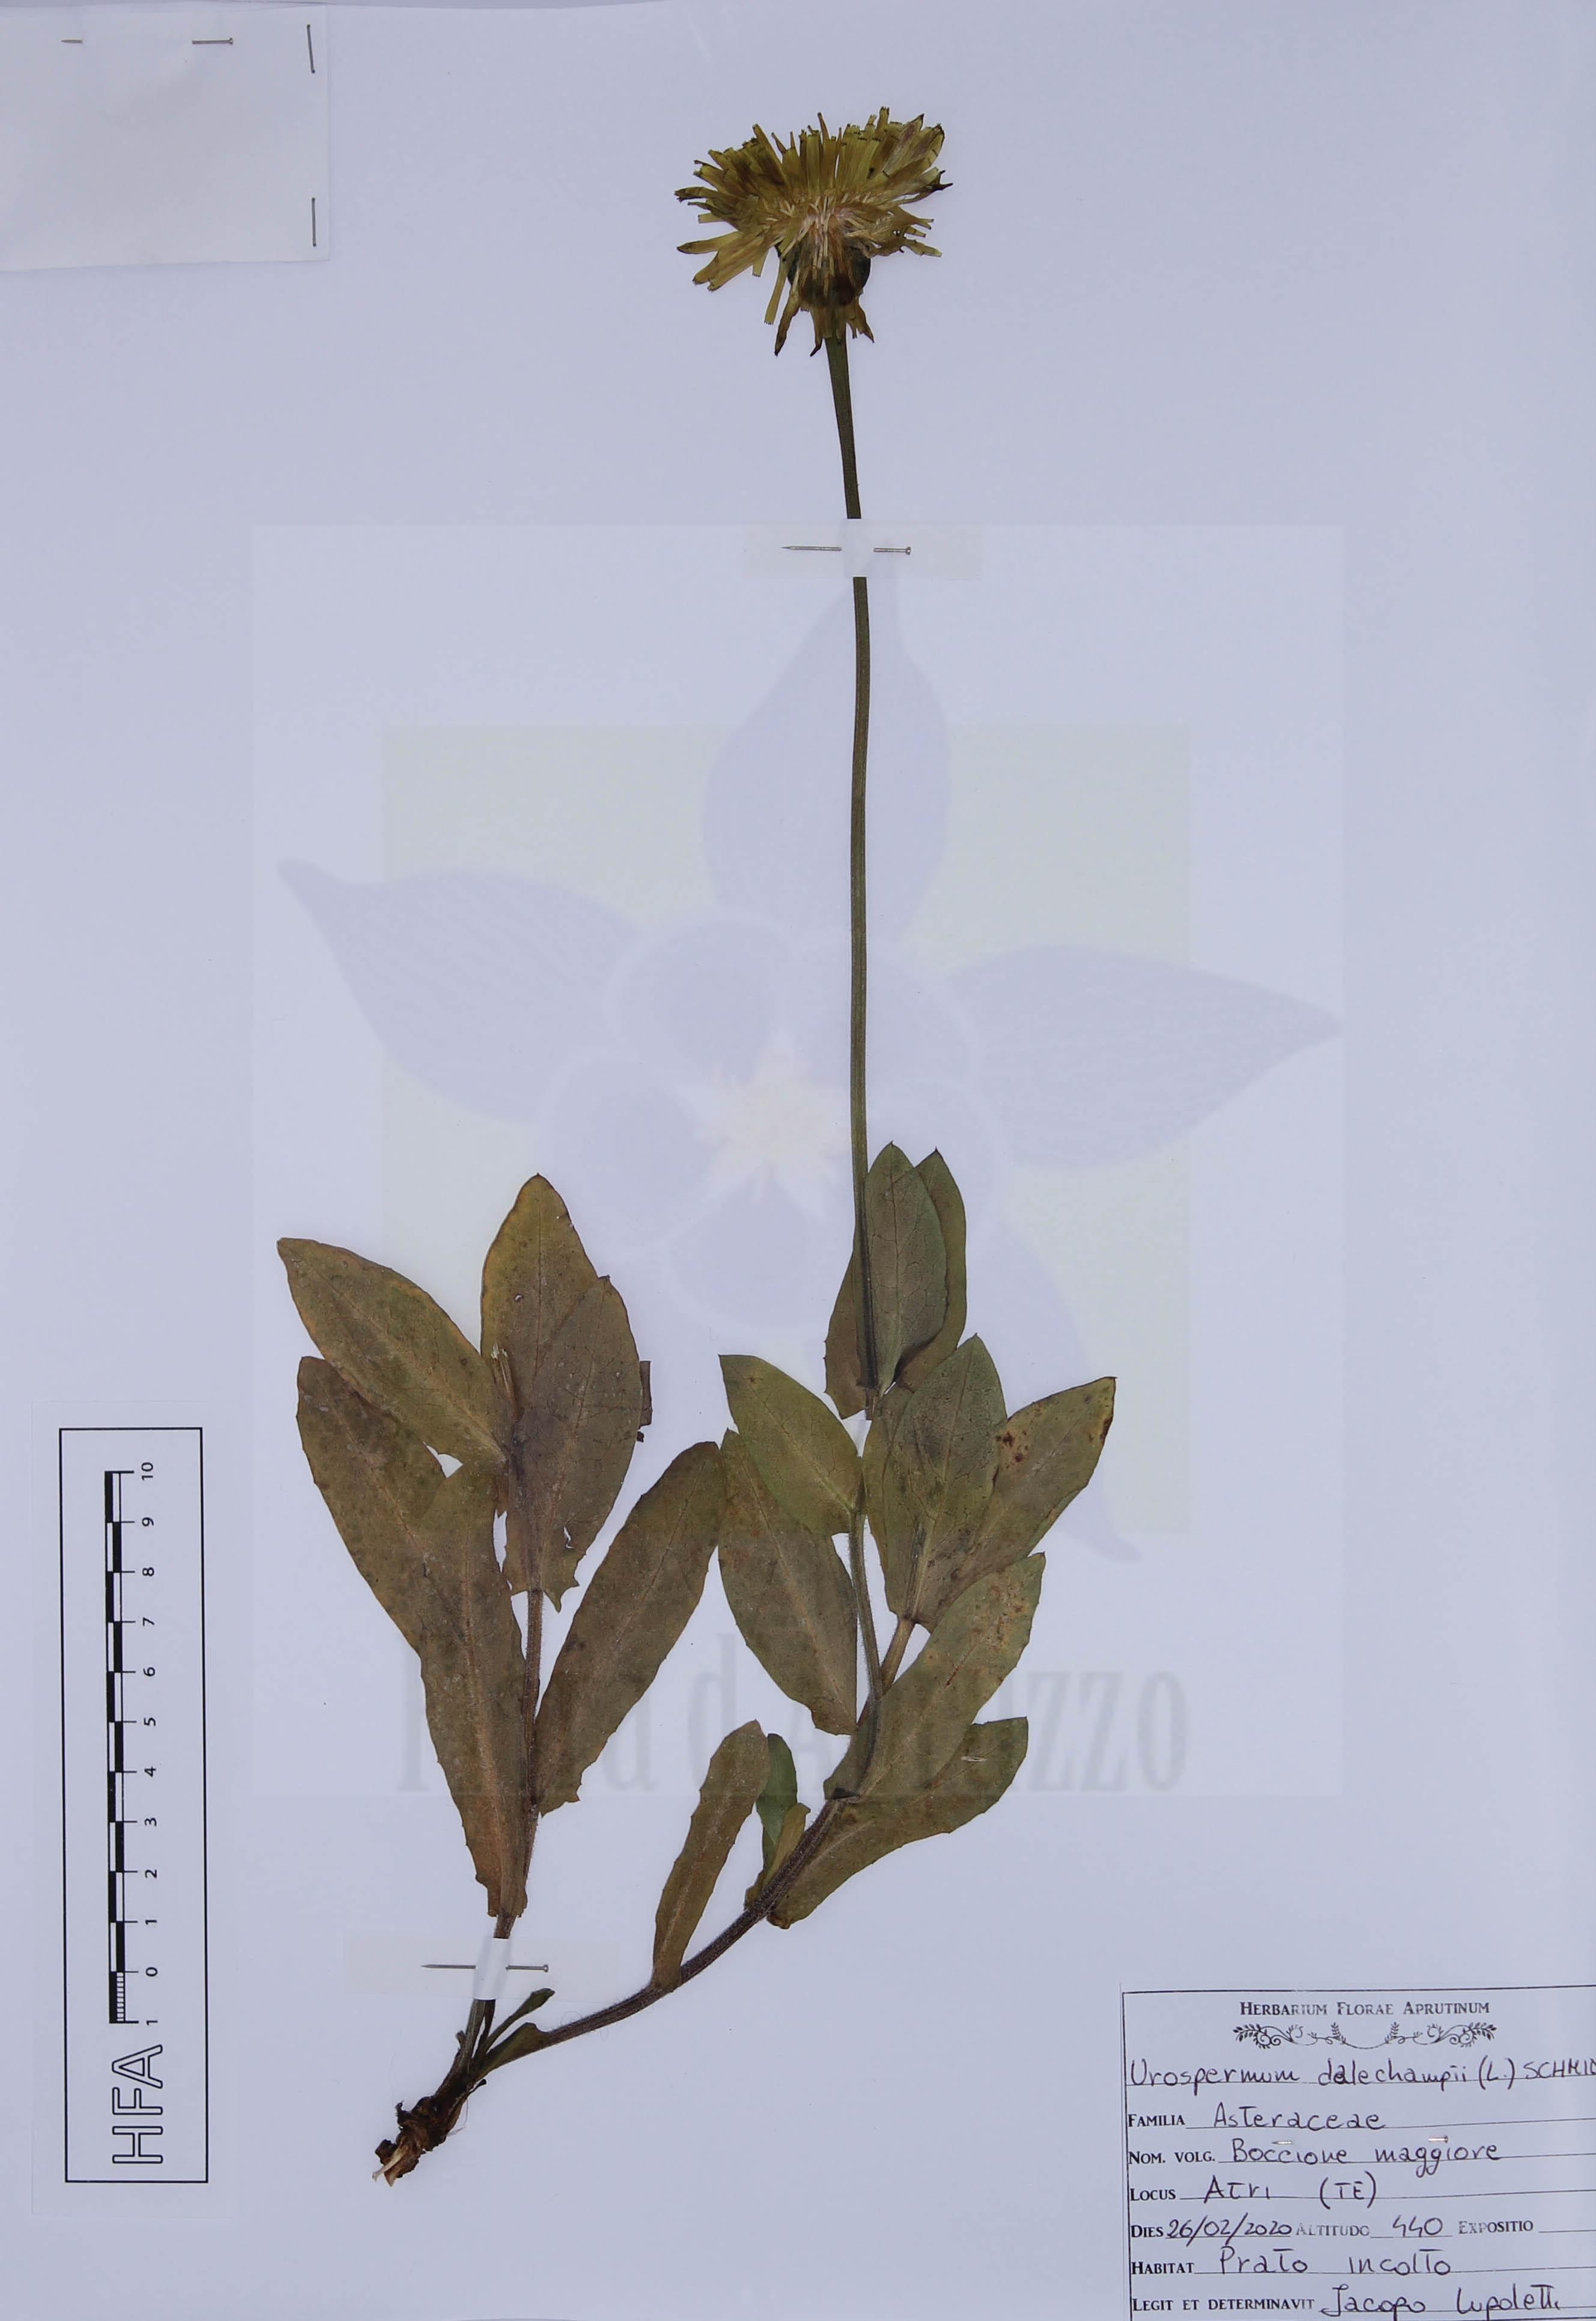 Urospermum dalechampii (L.) F.W. Schmidt